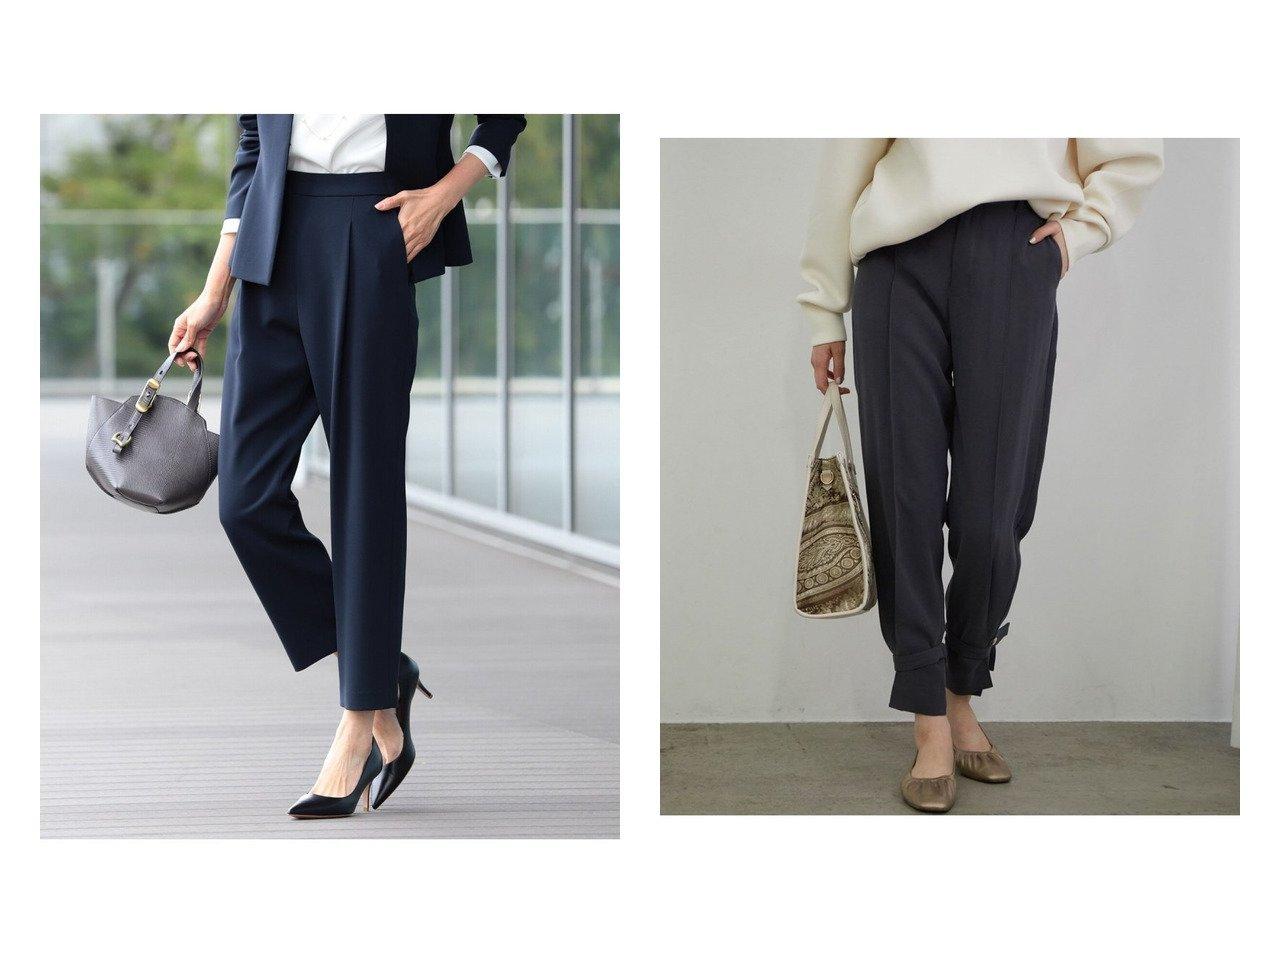 【Demi-Luxe BEAMS/デミルクス ビームス】のDemi- トリアセ 1タックパンツ 21FO&【VIS/ビス】の【2WAY】ヘムストリングハイウエストパンツ パンツのおすすめ!人気、トレンド・レディースファッションの通販 おすすめで人気の流行・トレンド、ファッションの通販商品 メンズファッション・キッズファッション・インテリア・家具・レディースファッション・服の通販 founy(ファニー) https://founy.com/ ファッション Fashion レディースファッション WOMEN パンツ Pants クロップド ジーンズ フォーマル 定番 Standard NEW・新作・新着・新入荷 New Arrivals とろみ シューズ シンプル バランス バレエ ポケット モダン モノトーン リボン リラックス |ID:crp329100000015277